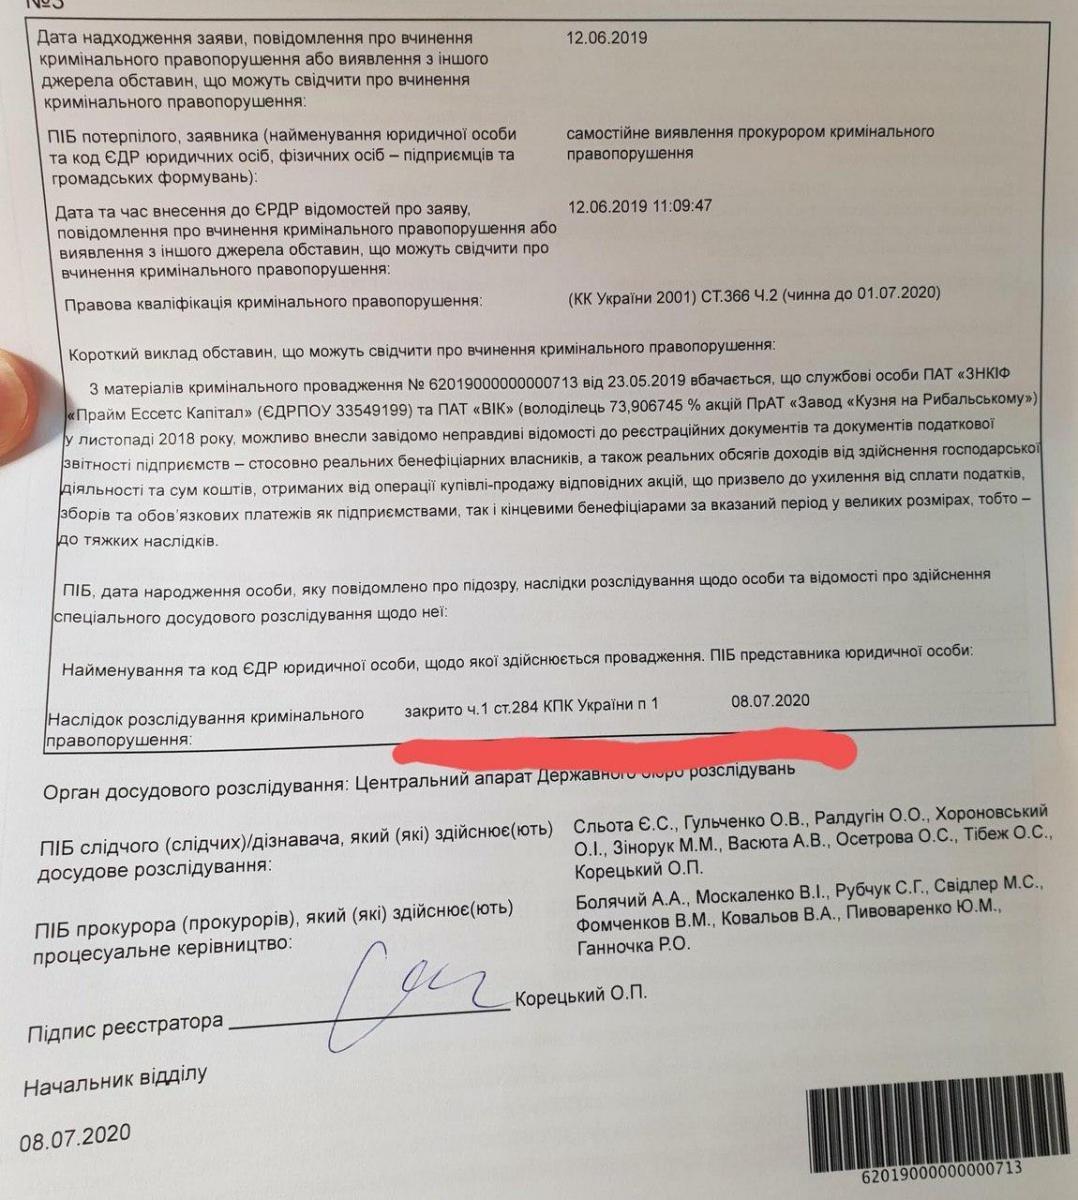 За що судять Порошенко - суд зняв ще одне звинувачення